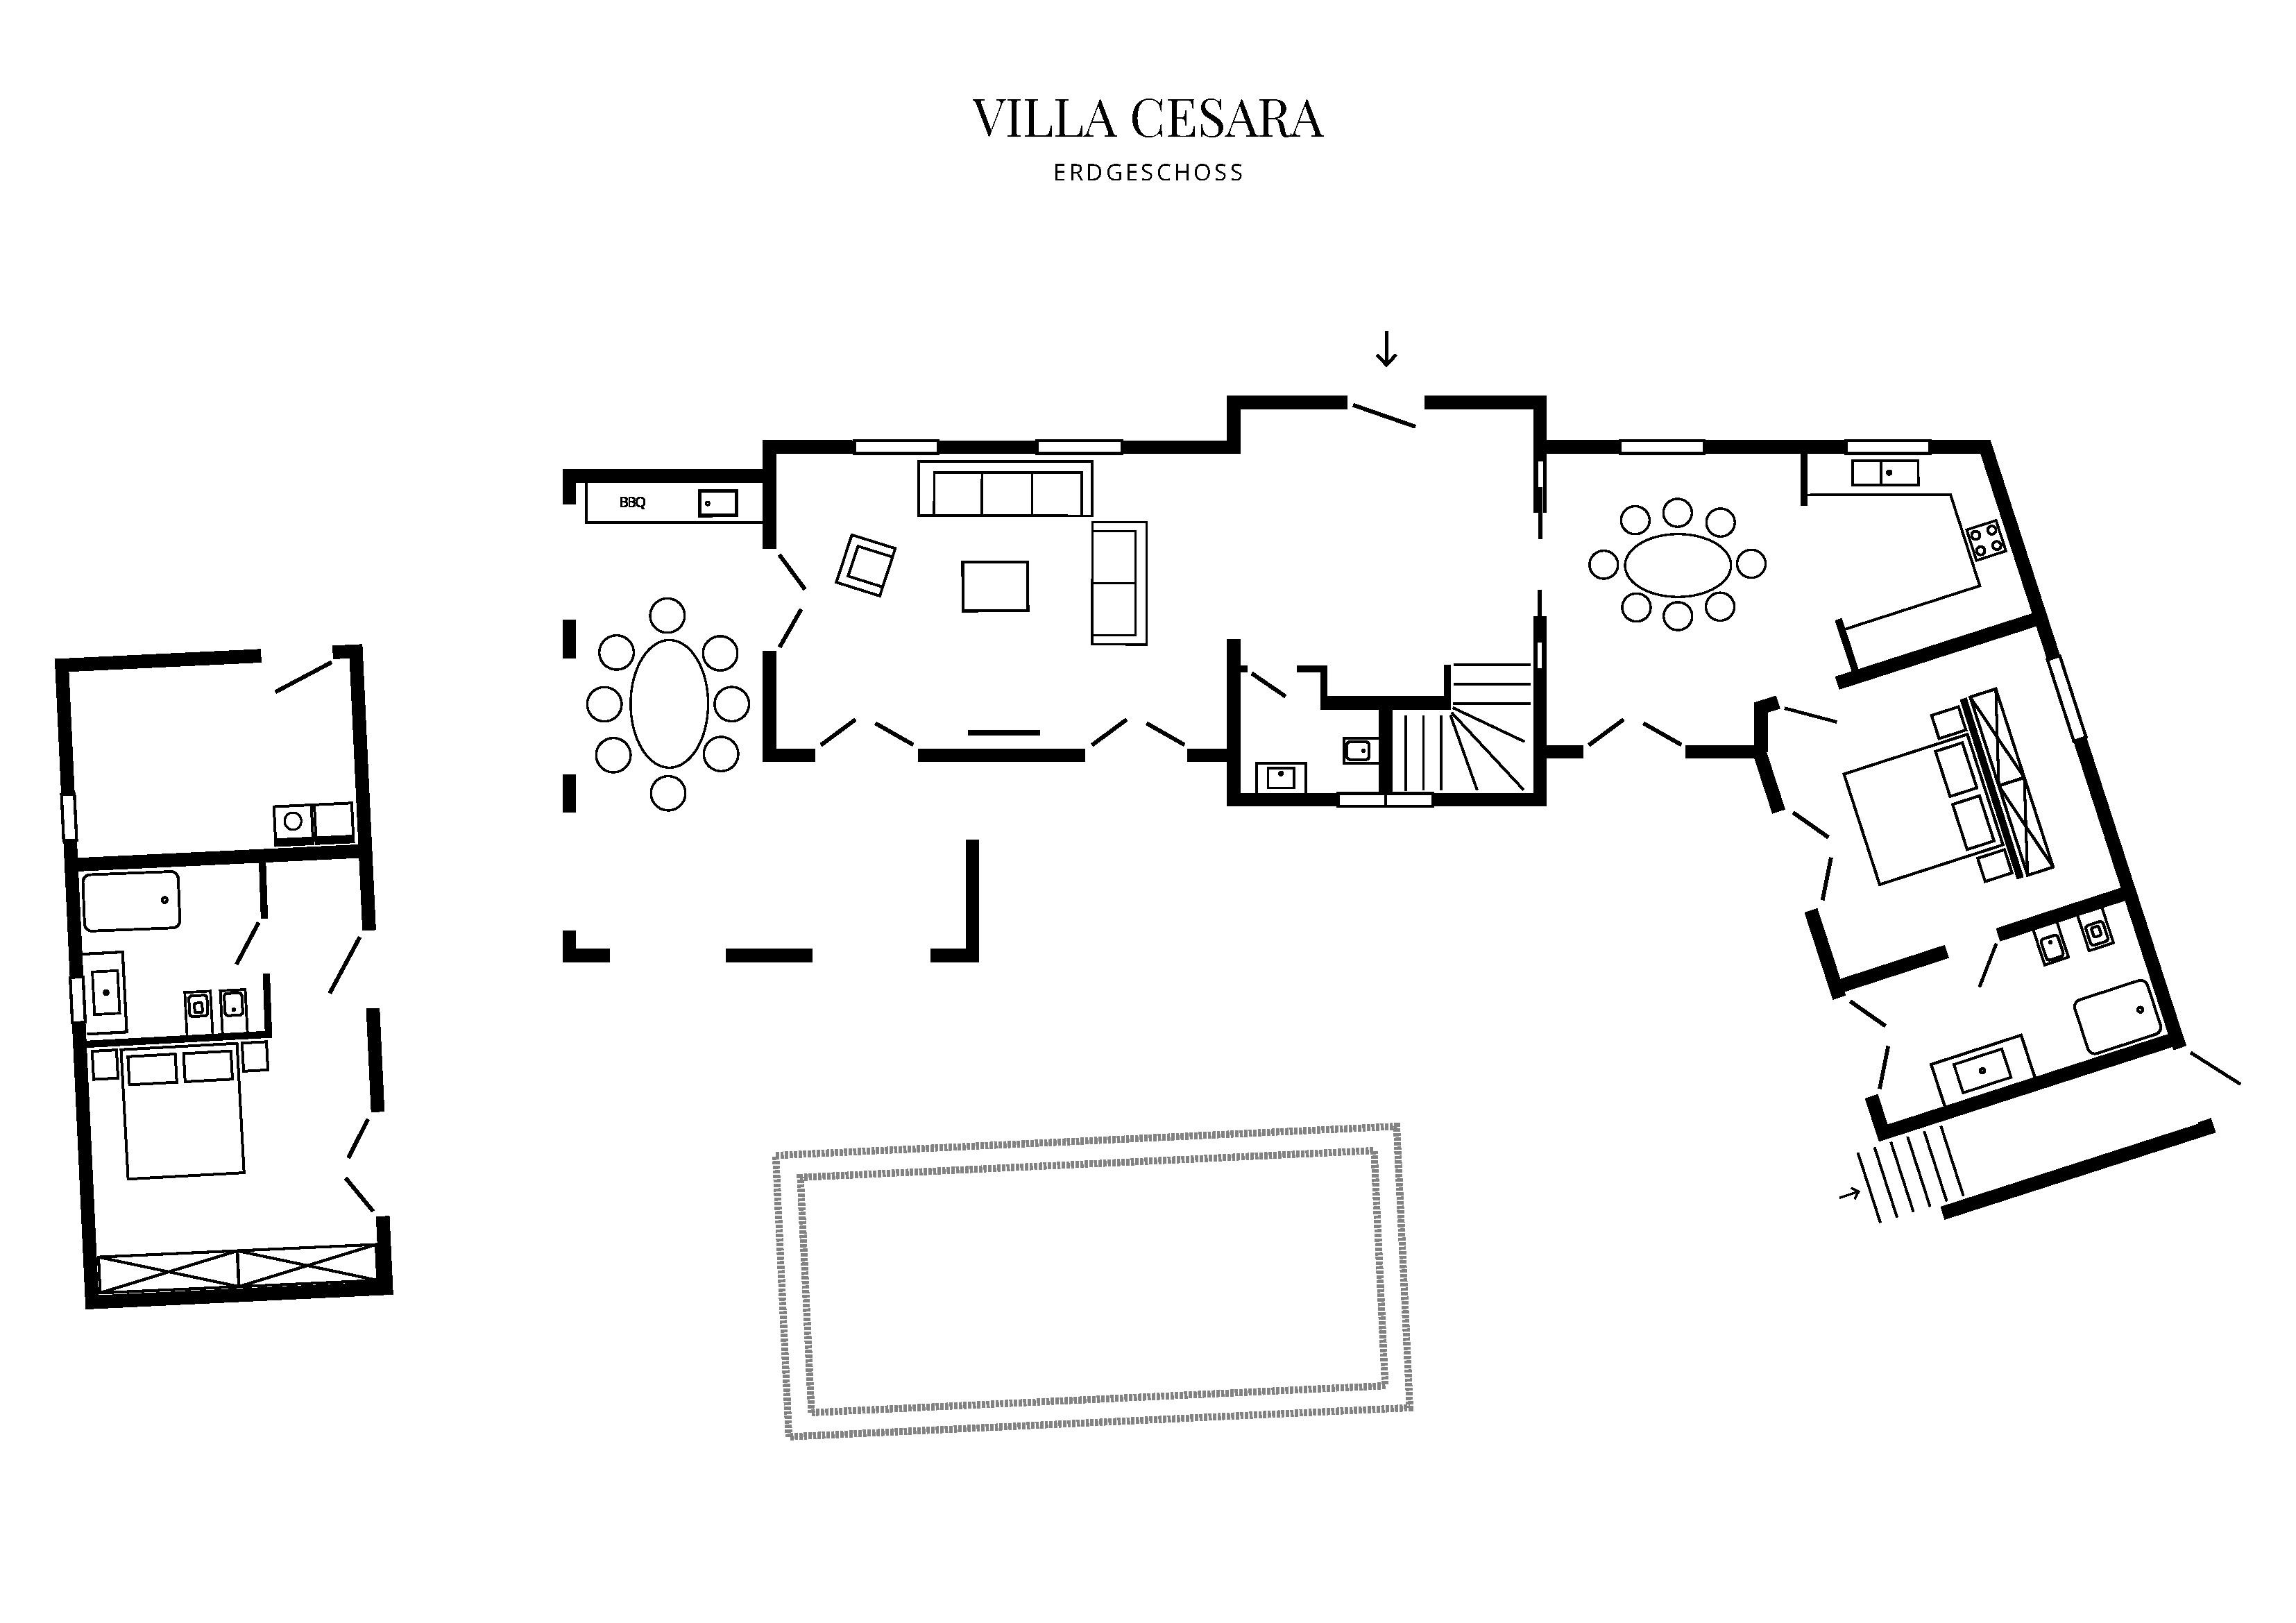 Grafik Grundriss Erdgeschoss Villa Cesara